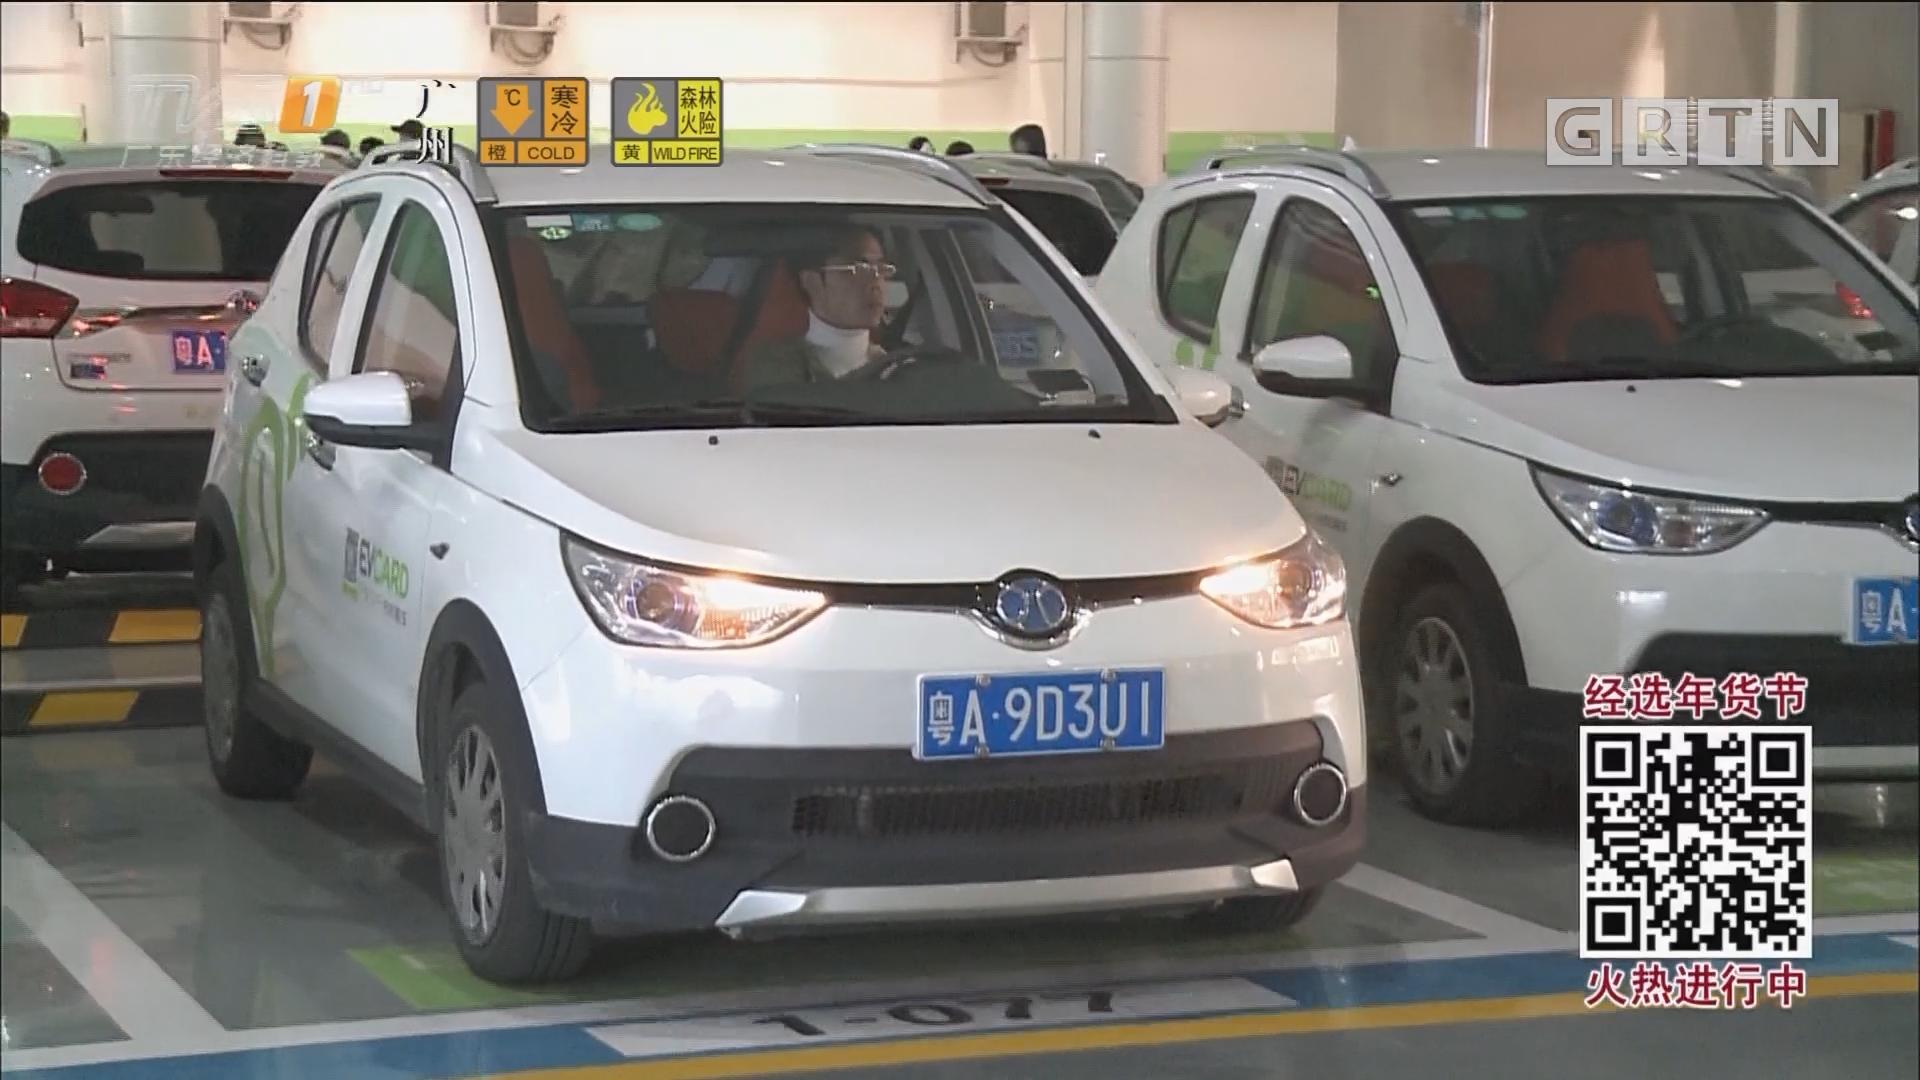 记者实测:共享汽车现身南站